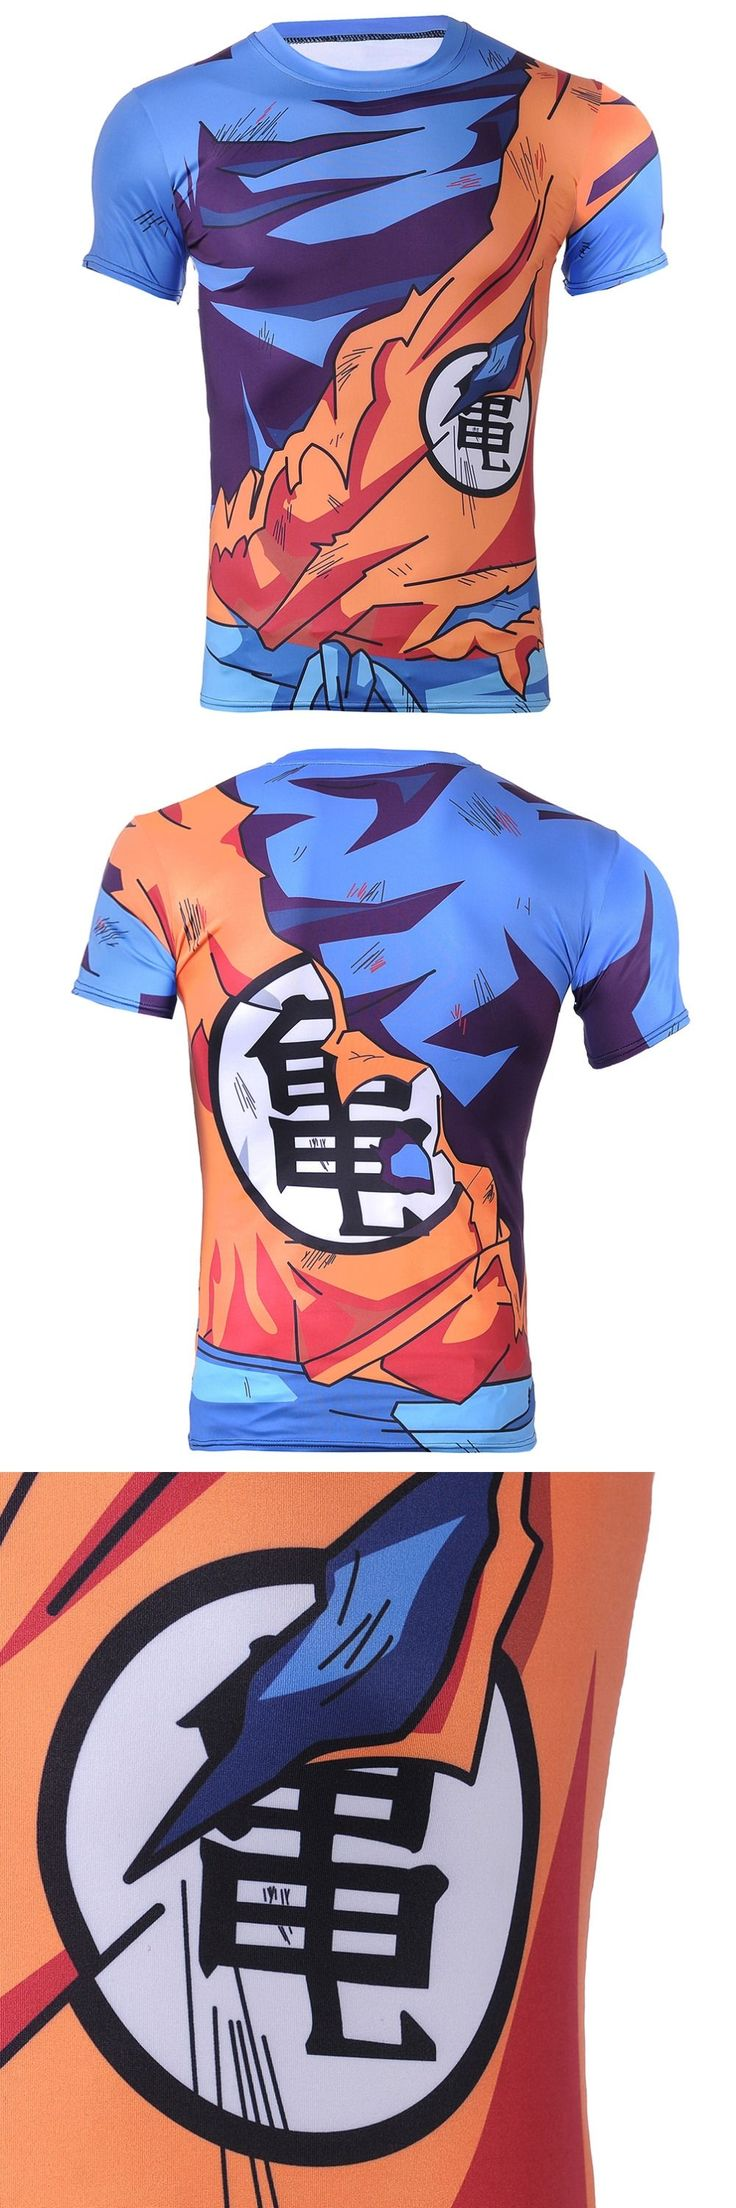 New Super Hero Printing 3D T-shirt Dragonball Character T-shirt Vegeta Kaka Ronaldo Meat Machine Turtle Immortals #3dprintermachine